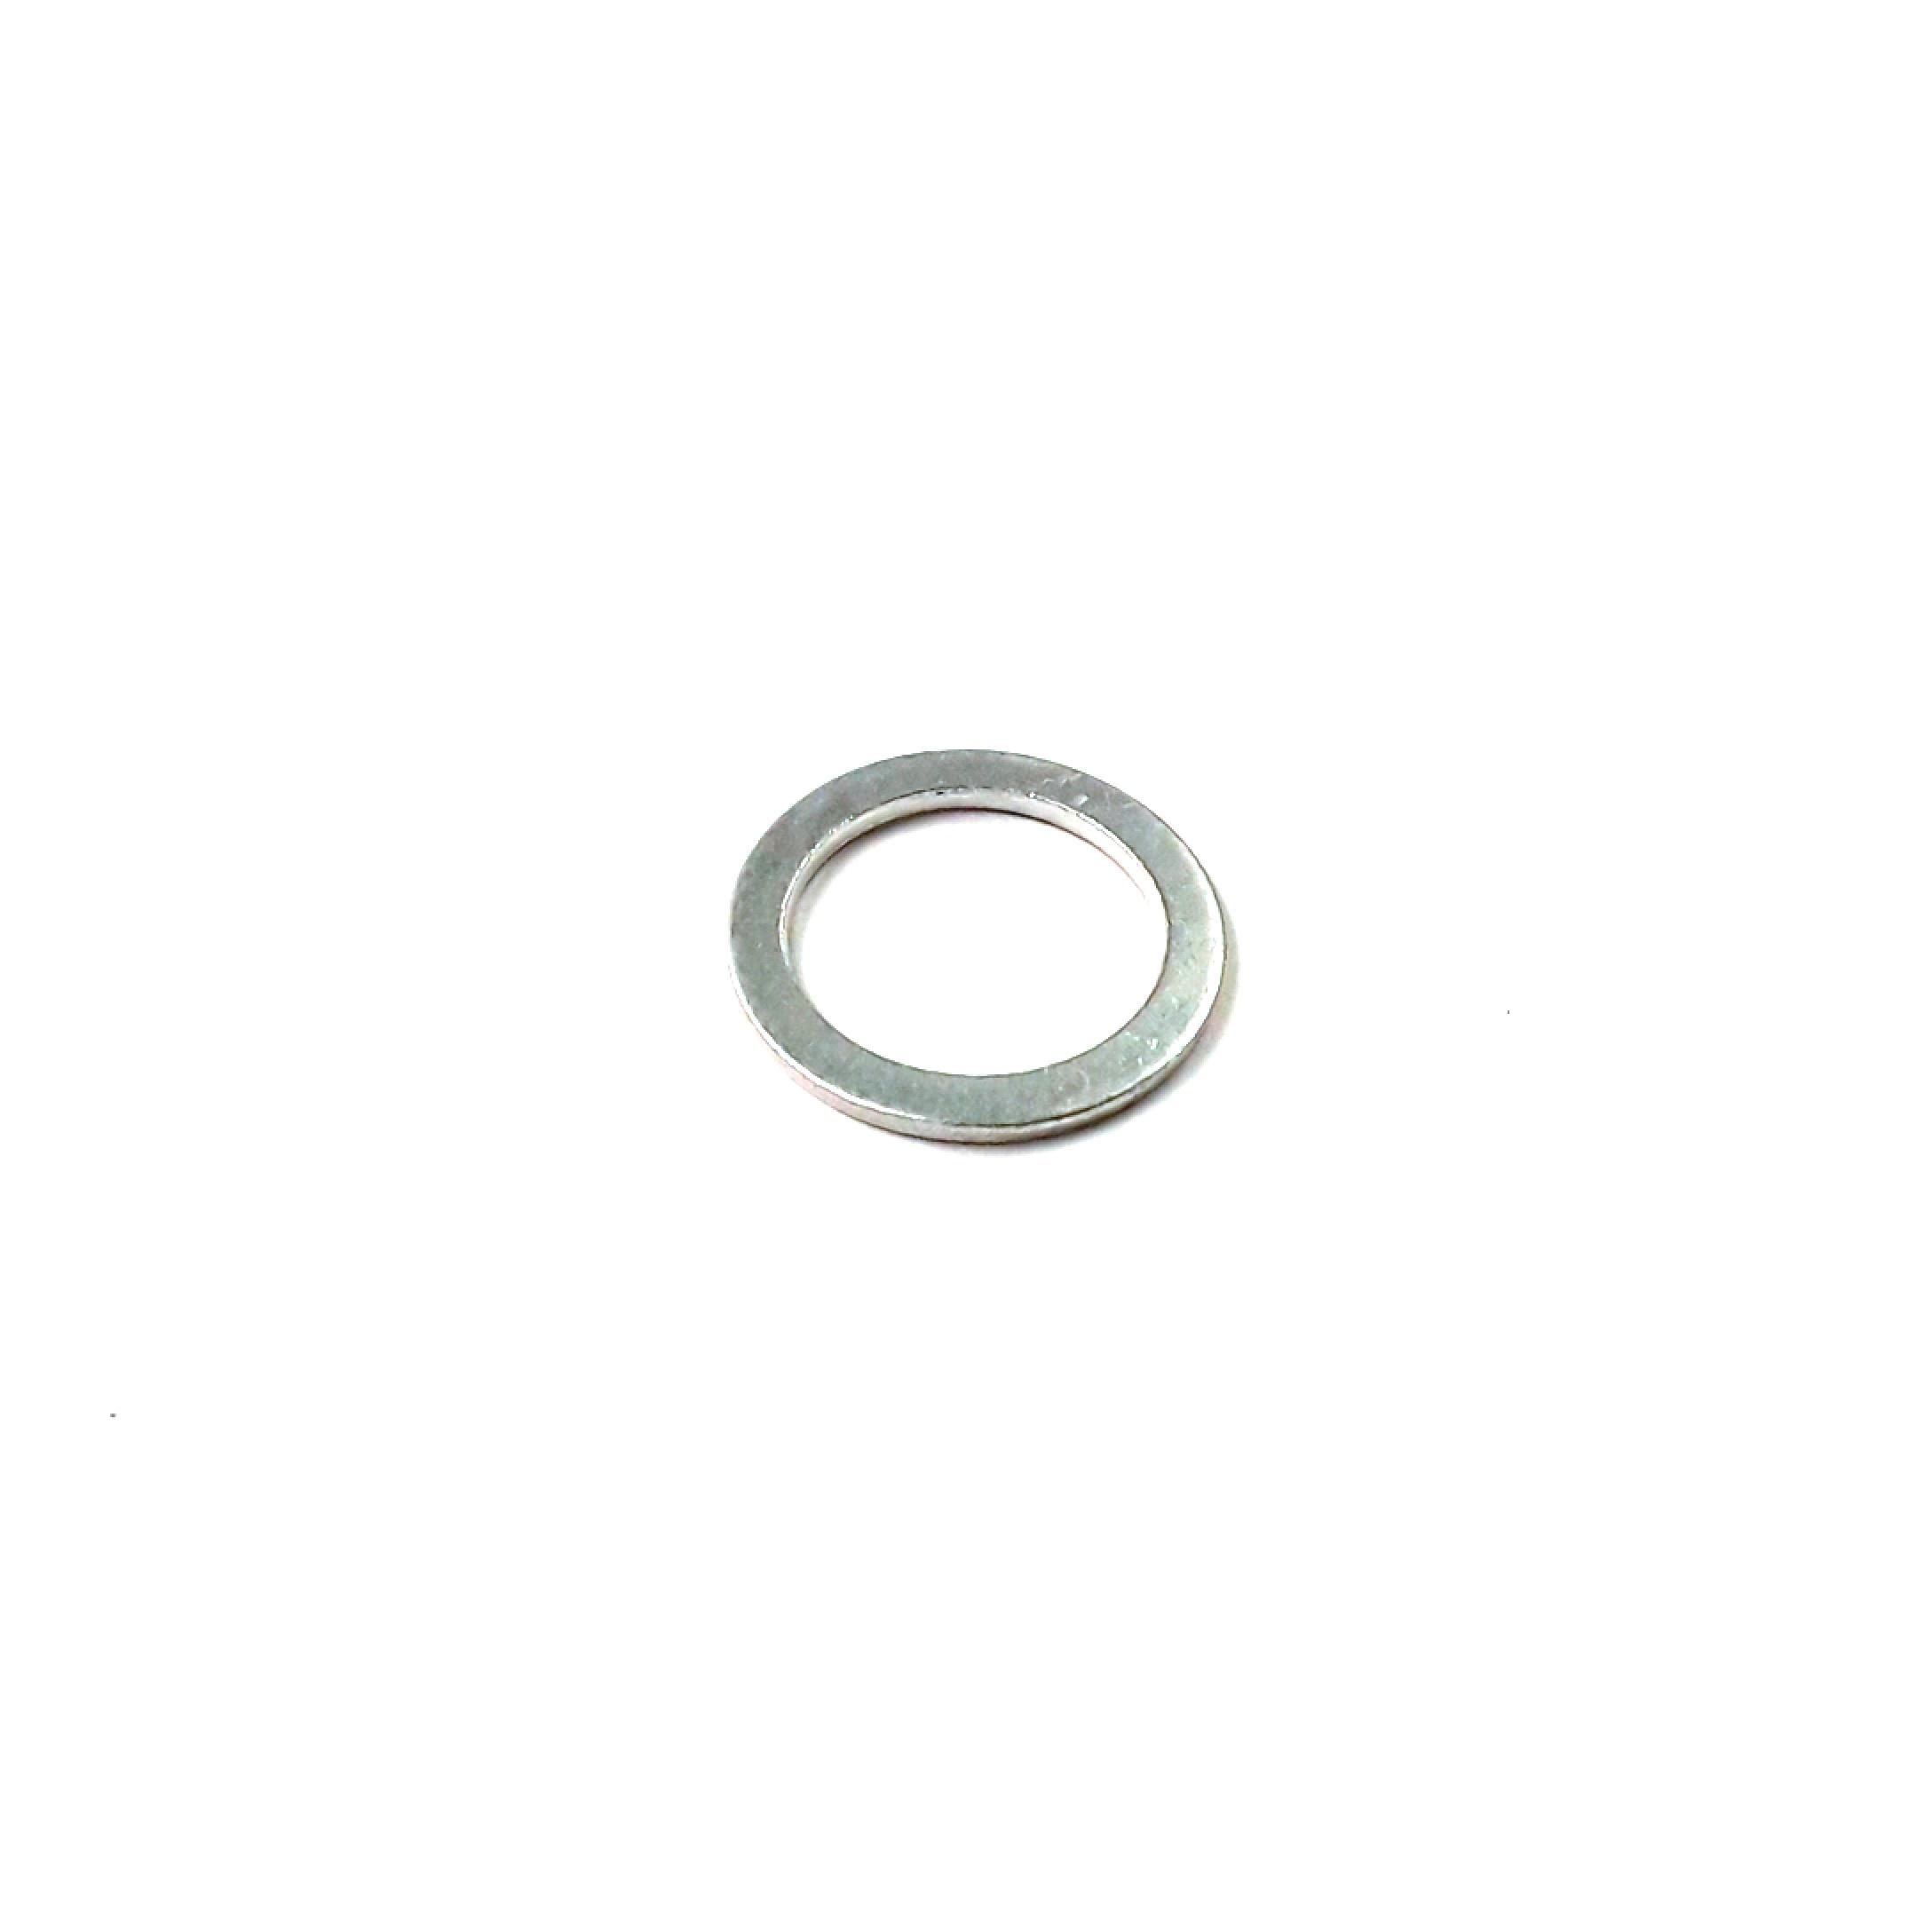 N 0138487 - Audi Seal Ring. SEALING WASHER